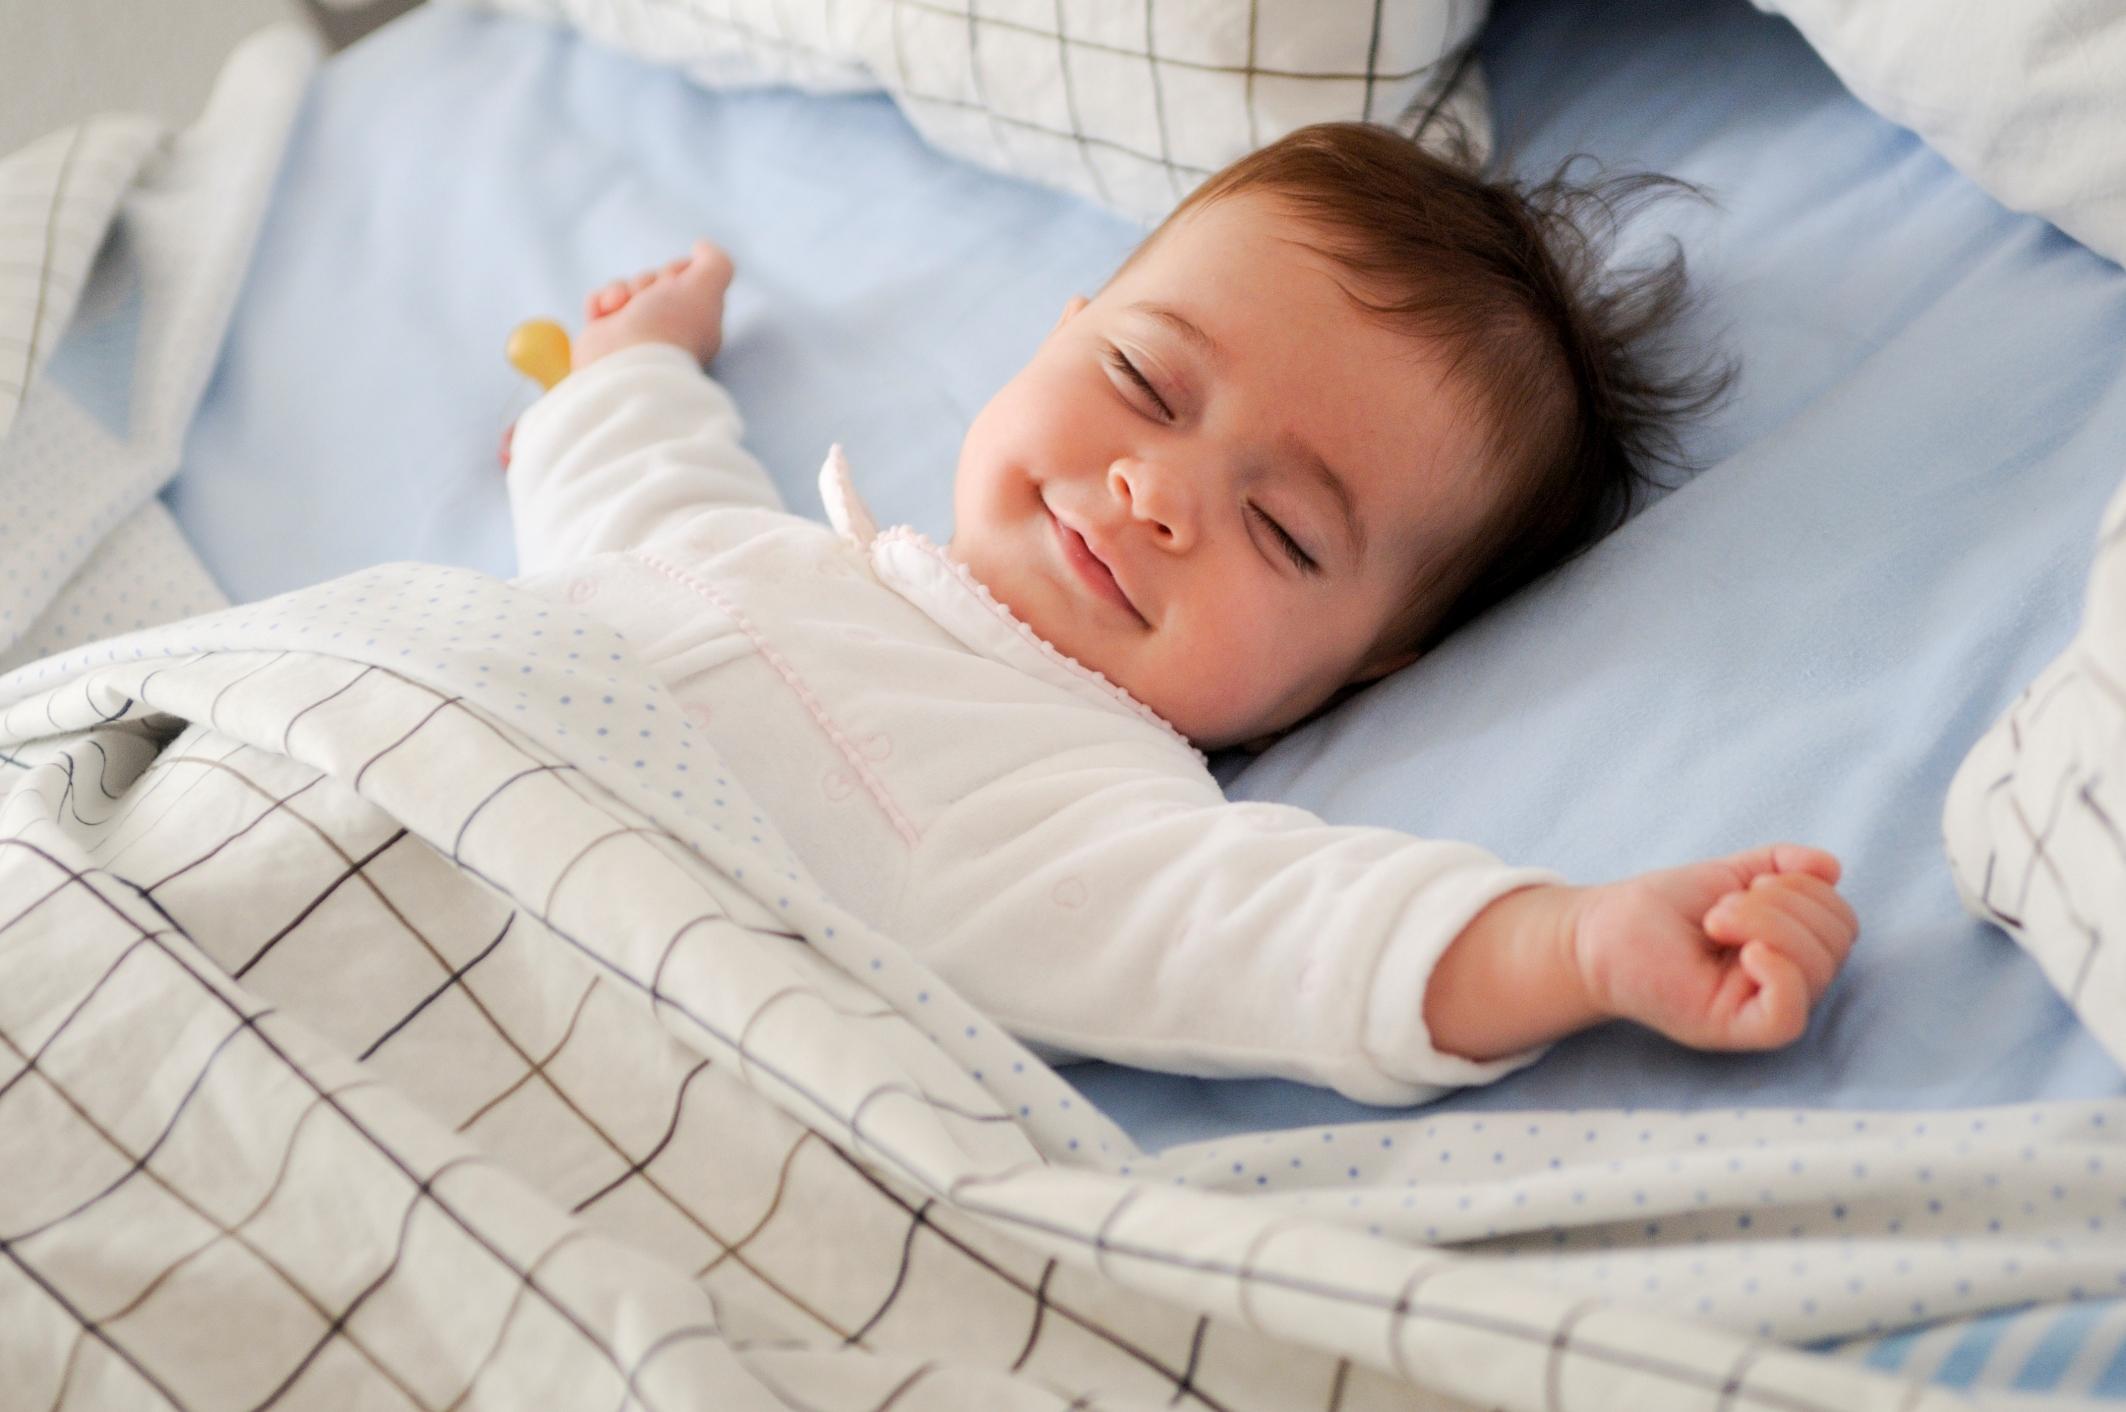 כיצד להקל על תינוקות בשעון חורף